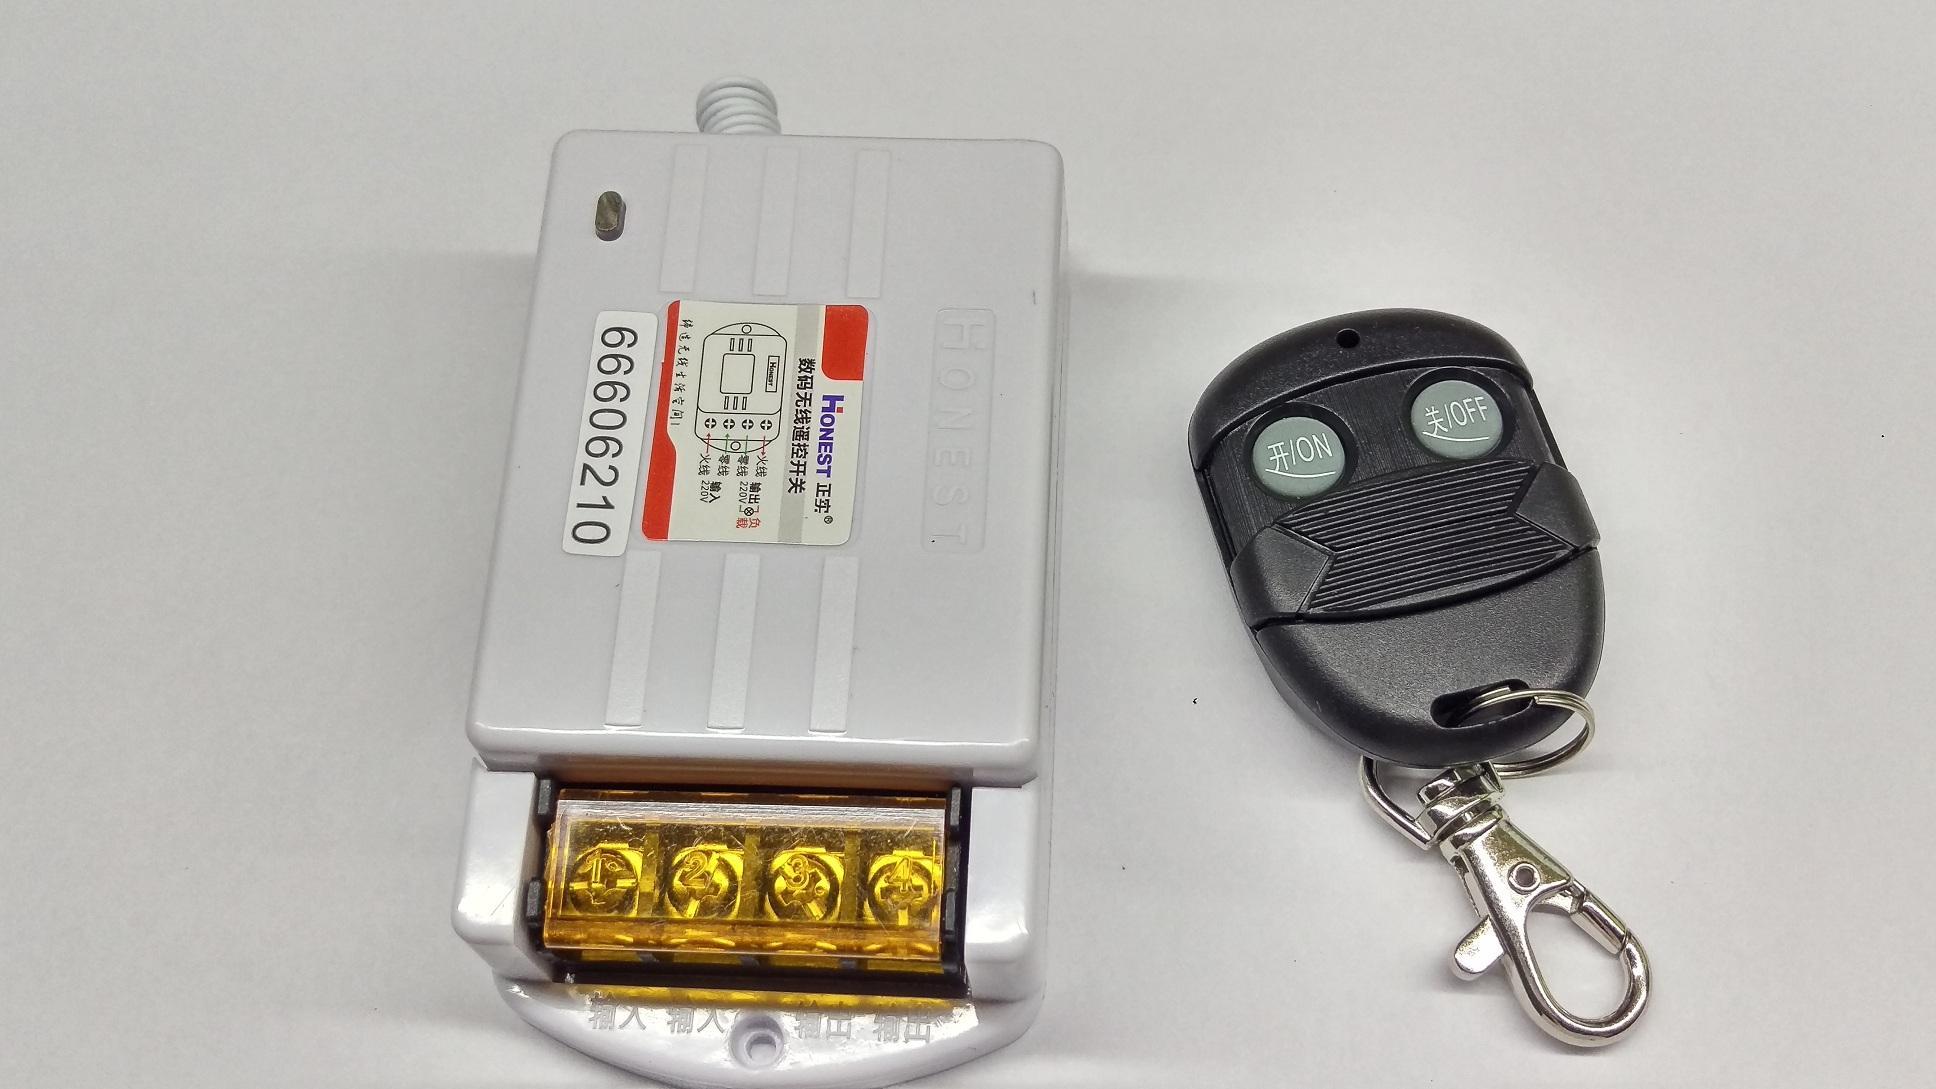 Công tắc điều khiển từ xa công suất lớn Honest HT-6220 (100m)